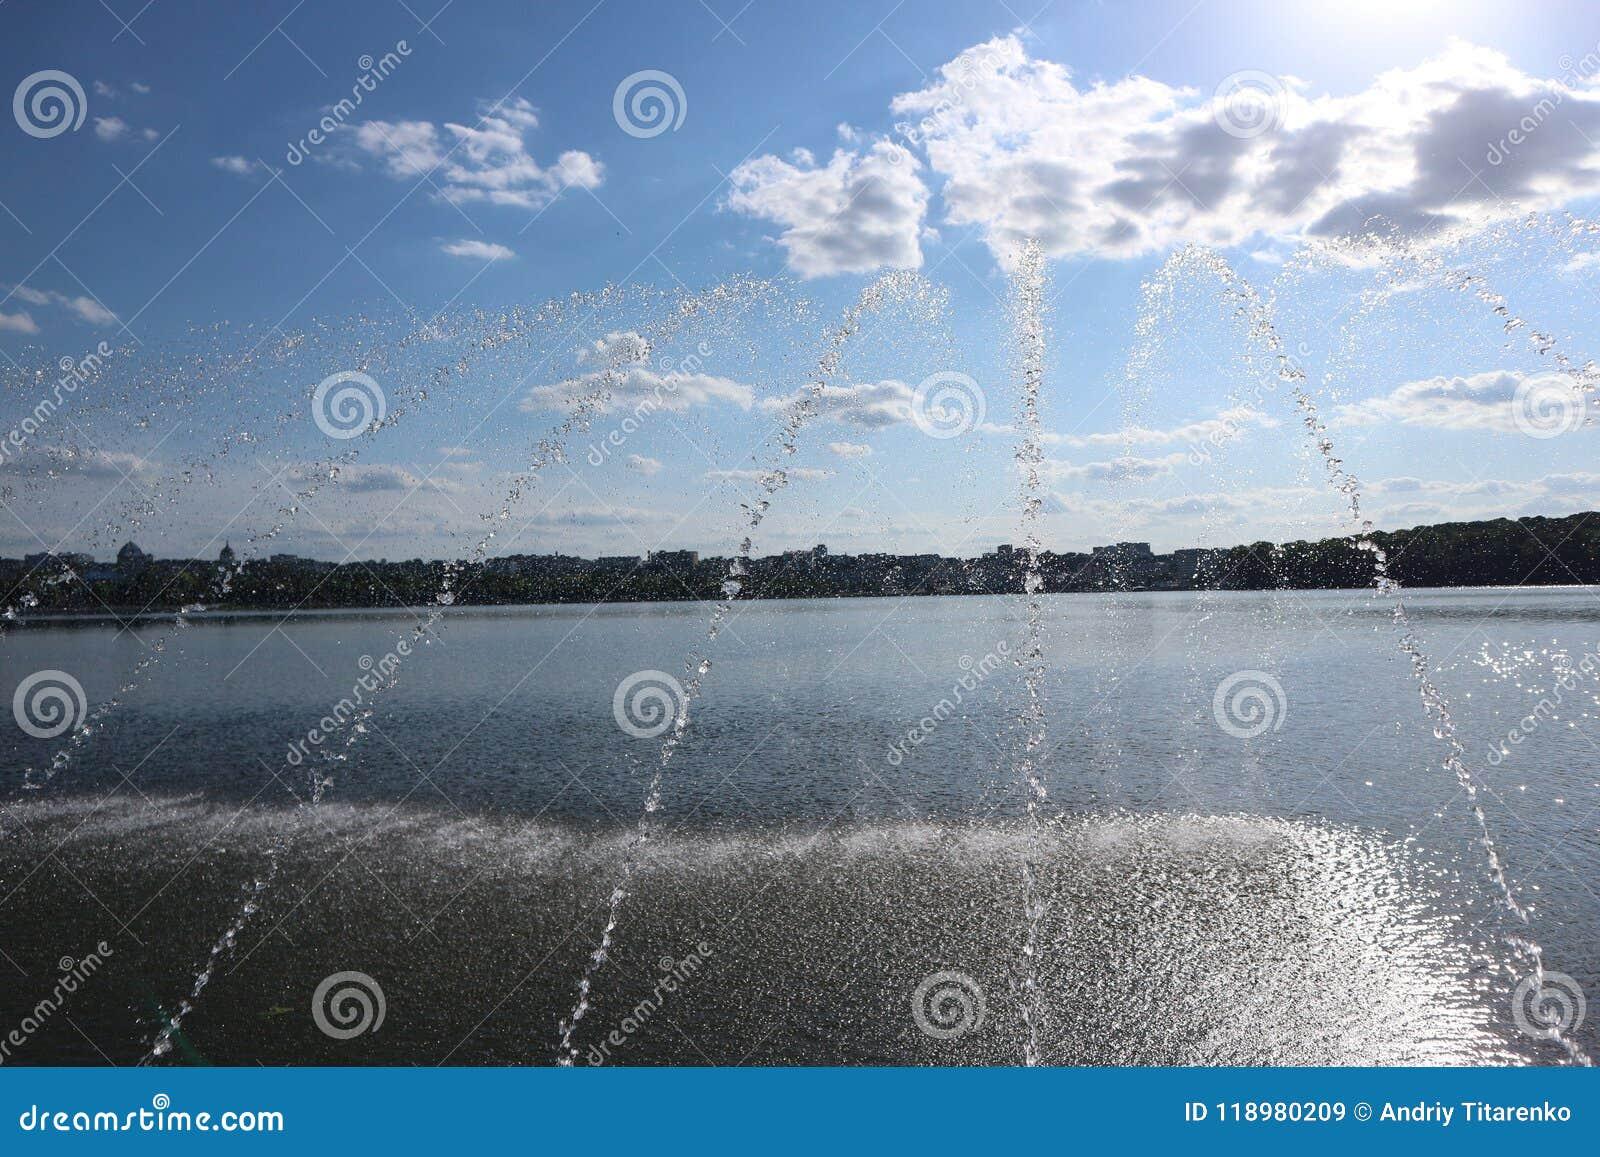 Фонтаны на озере в городе паркуют